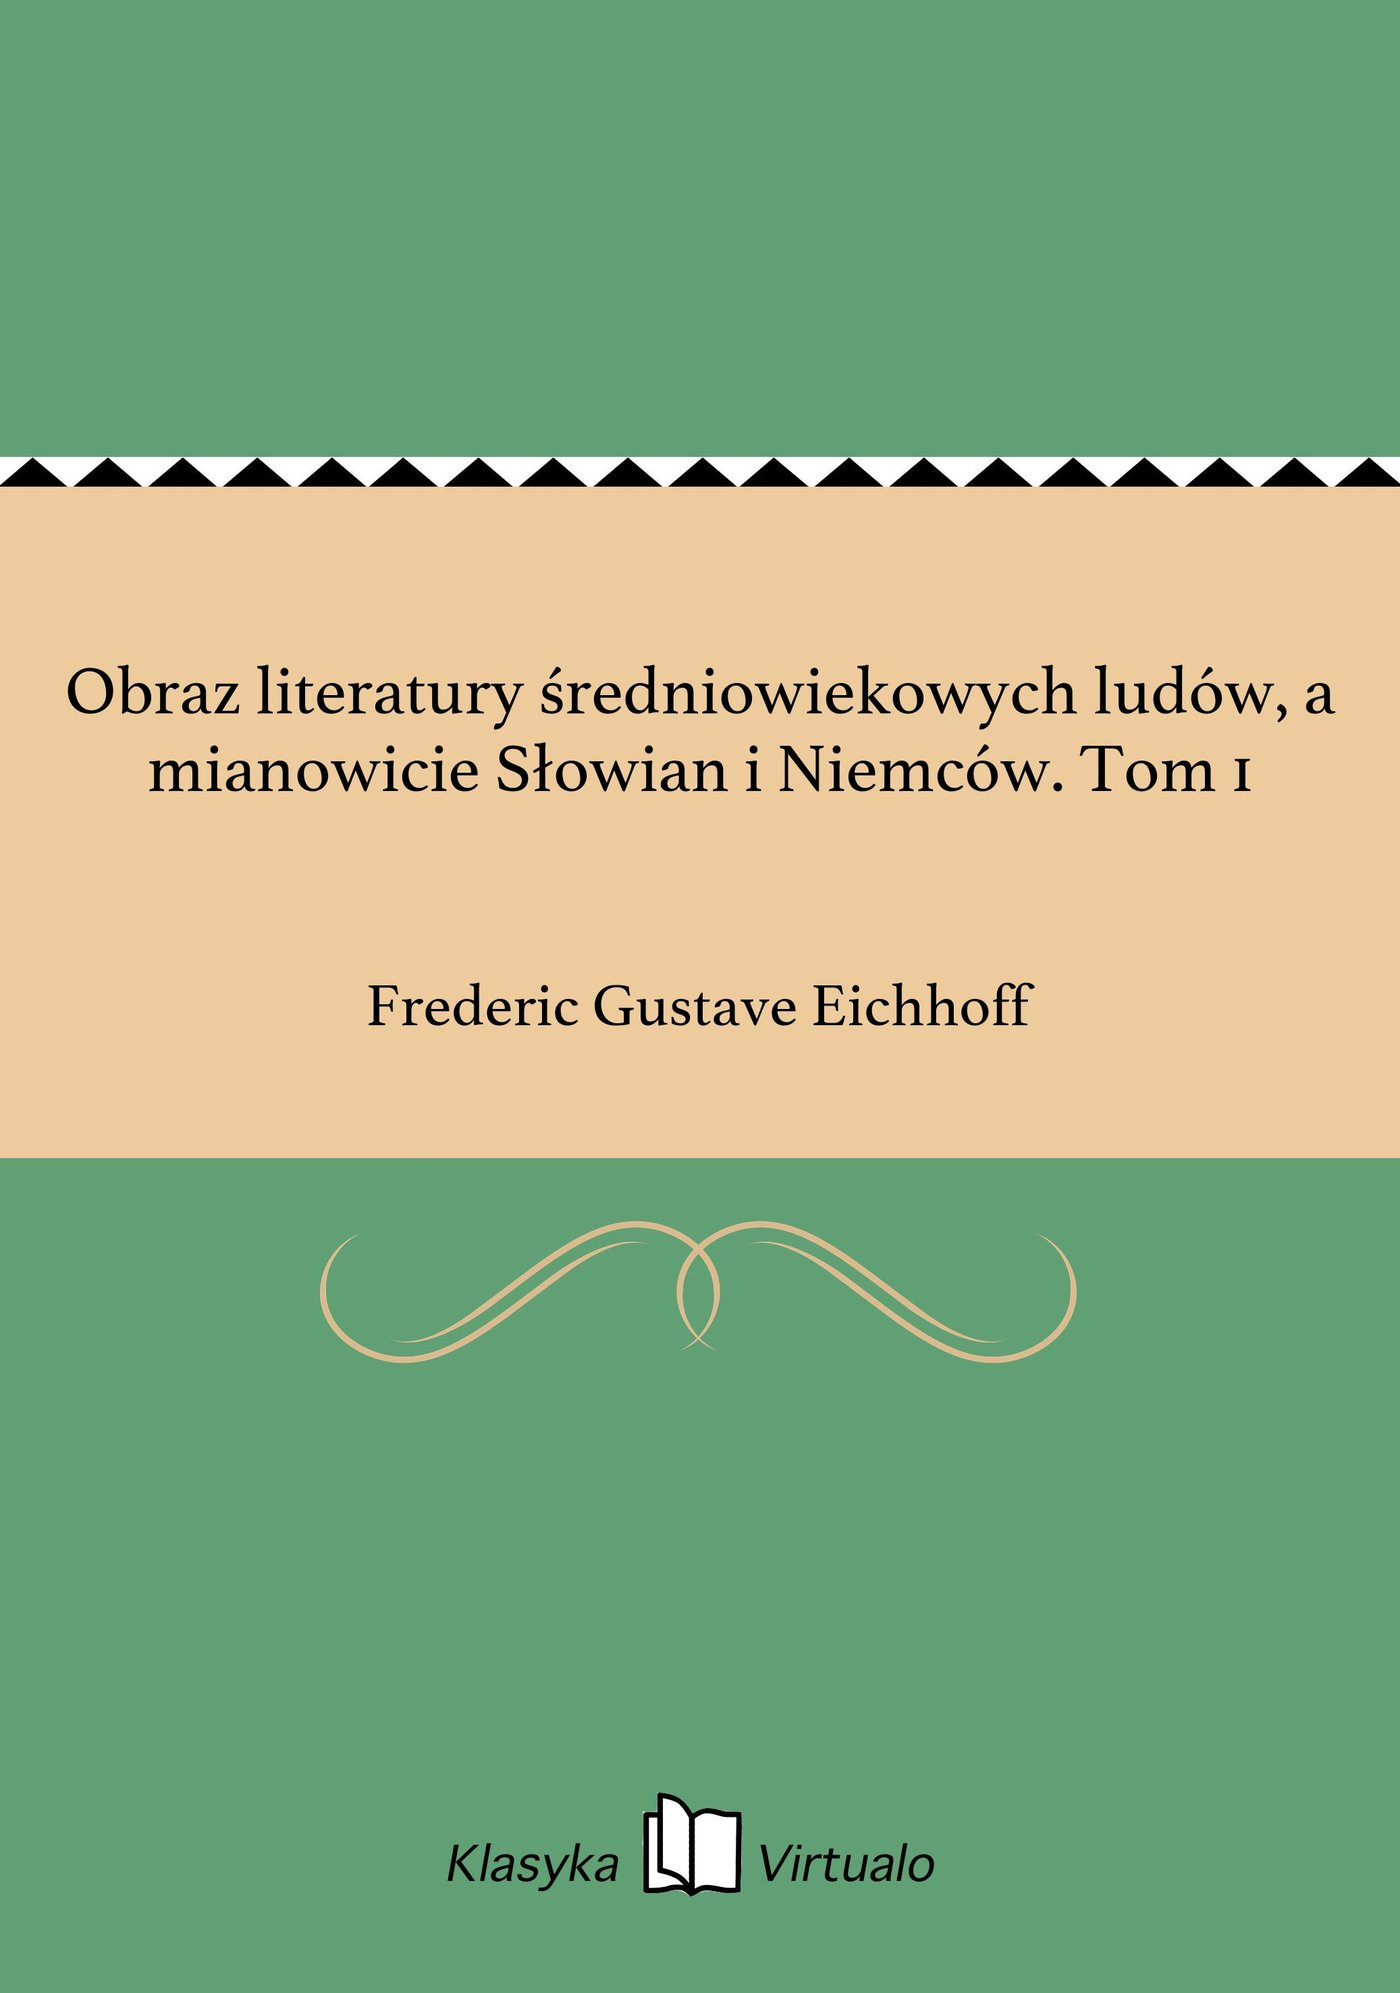 Obraz literatury średniowiekowych ludów, a mianowicie Słowian i Niemców. Tom 1 - Ebook (Książka na Kindle) do pobrania w formacie MOBI